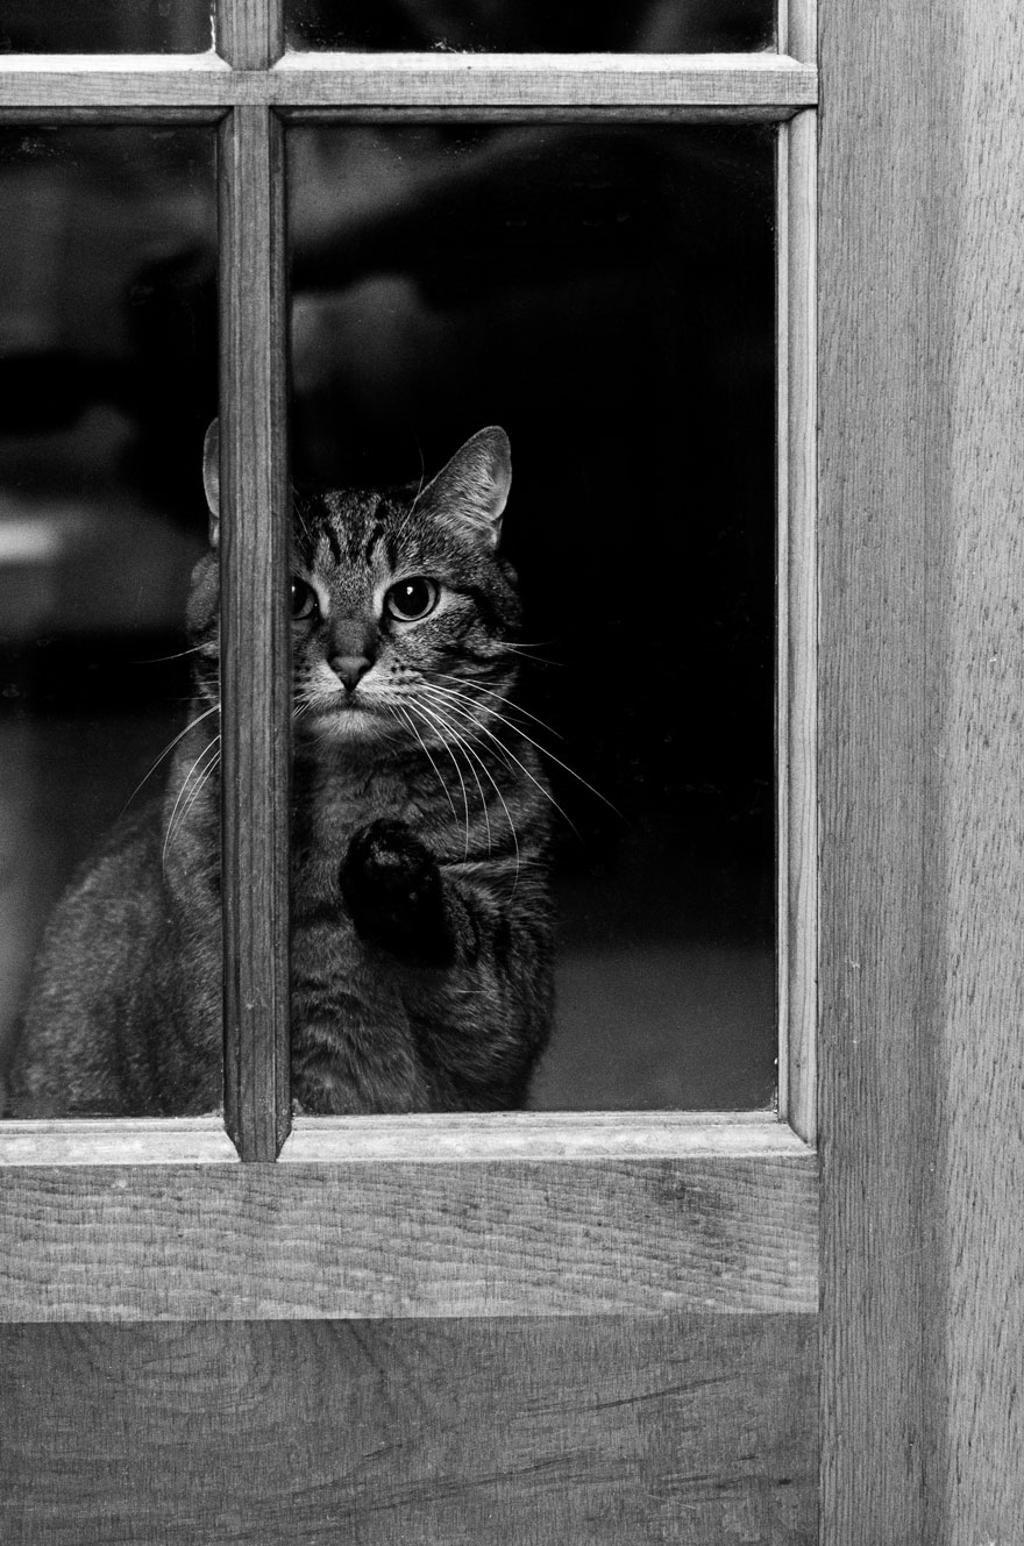 Des chats la fen tre artmic for Les charlots ouvre la fenetre